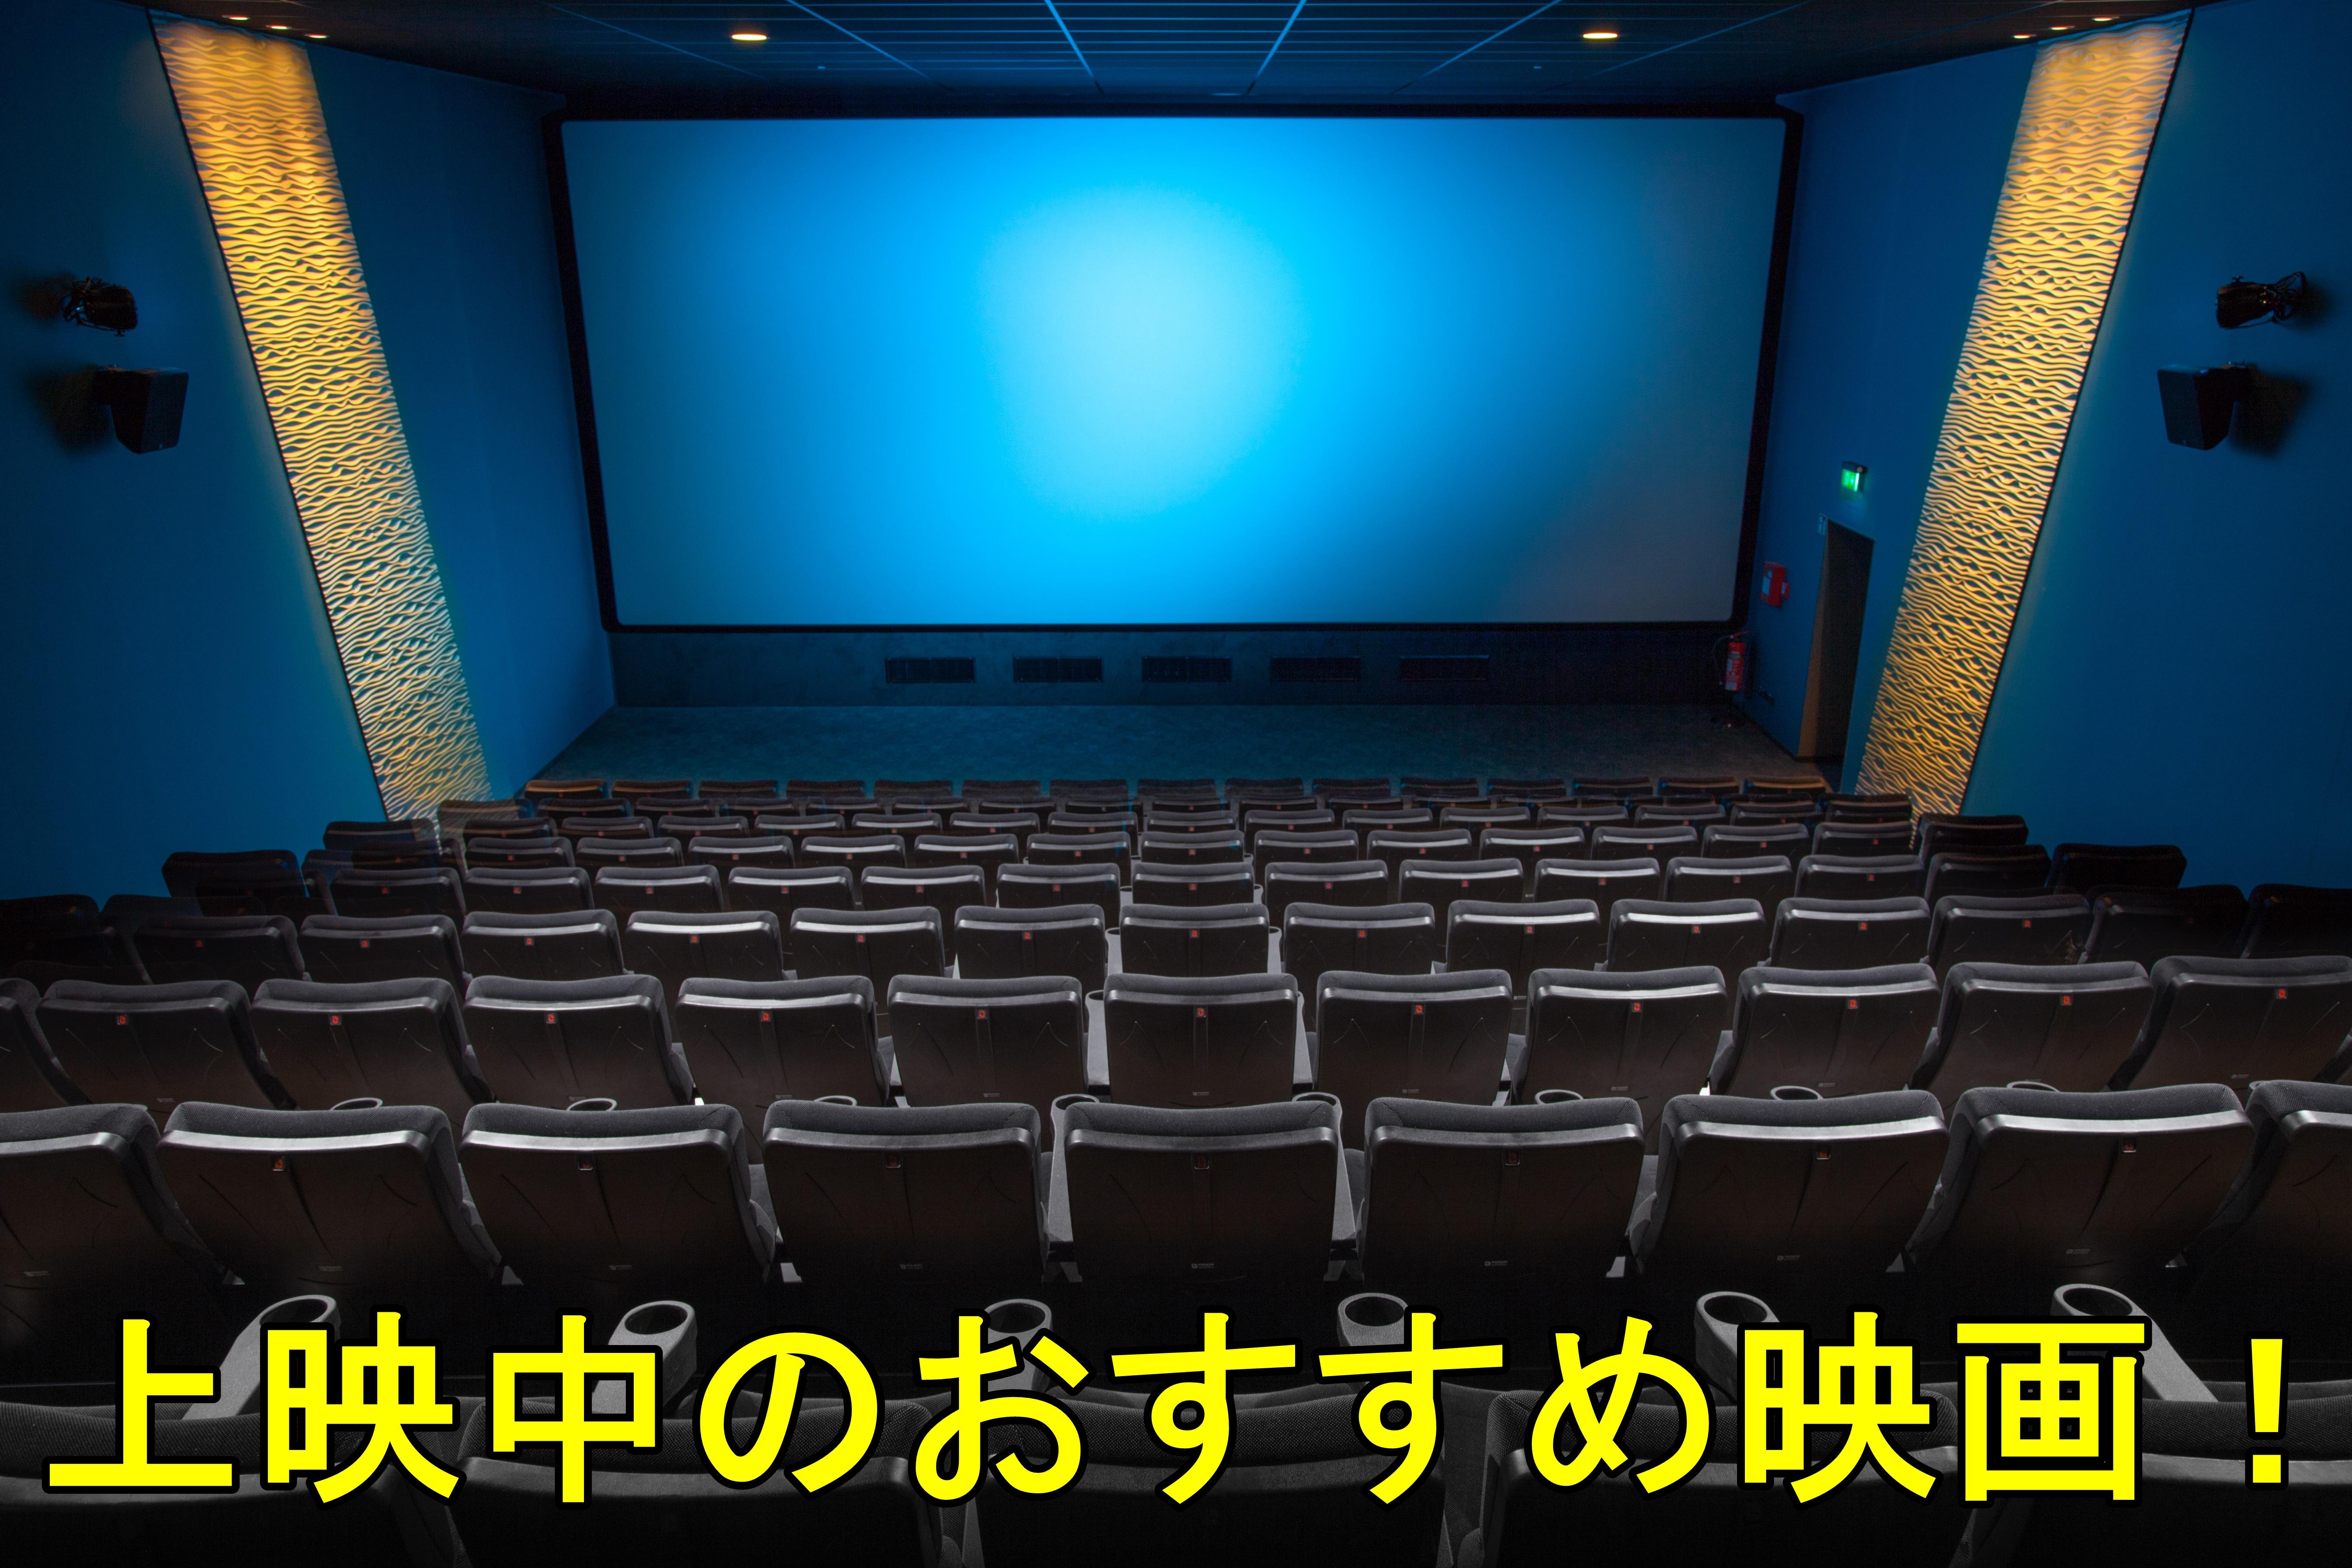 【幼稚園~小学校低学年】今上映中の子供にオススメの面白い映画を紹介【2018年3月更新】